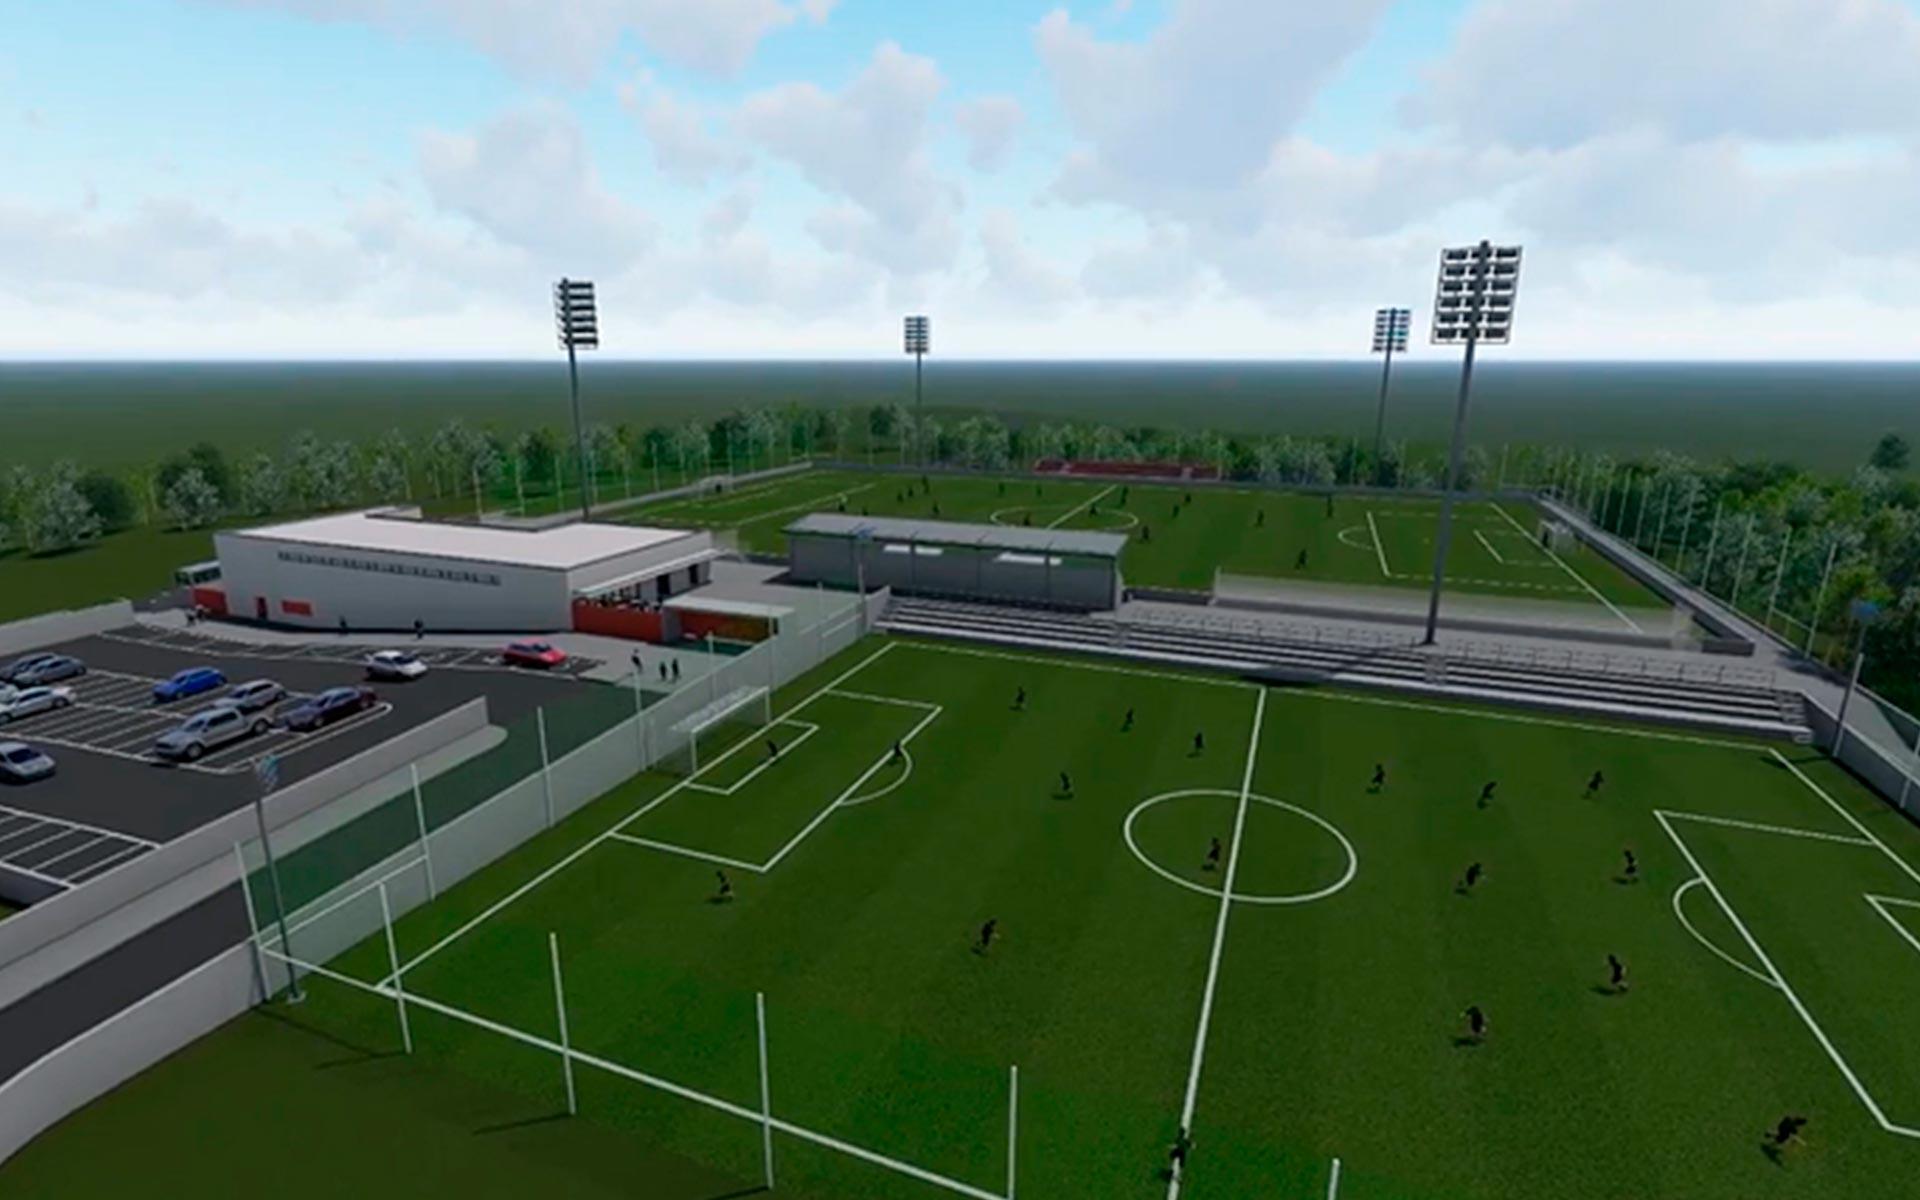 Parque Desportivo de Balasar - Póvoa de Varzim